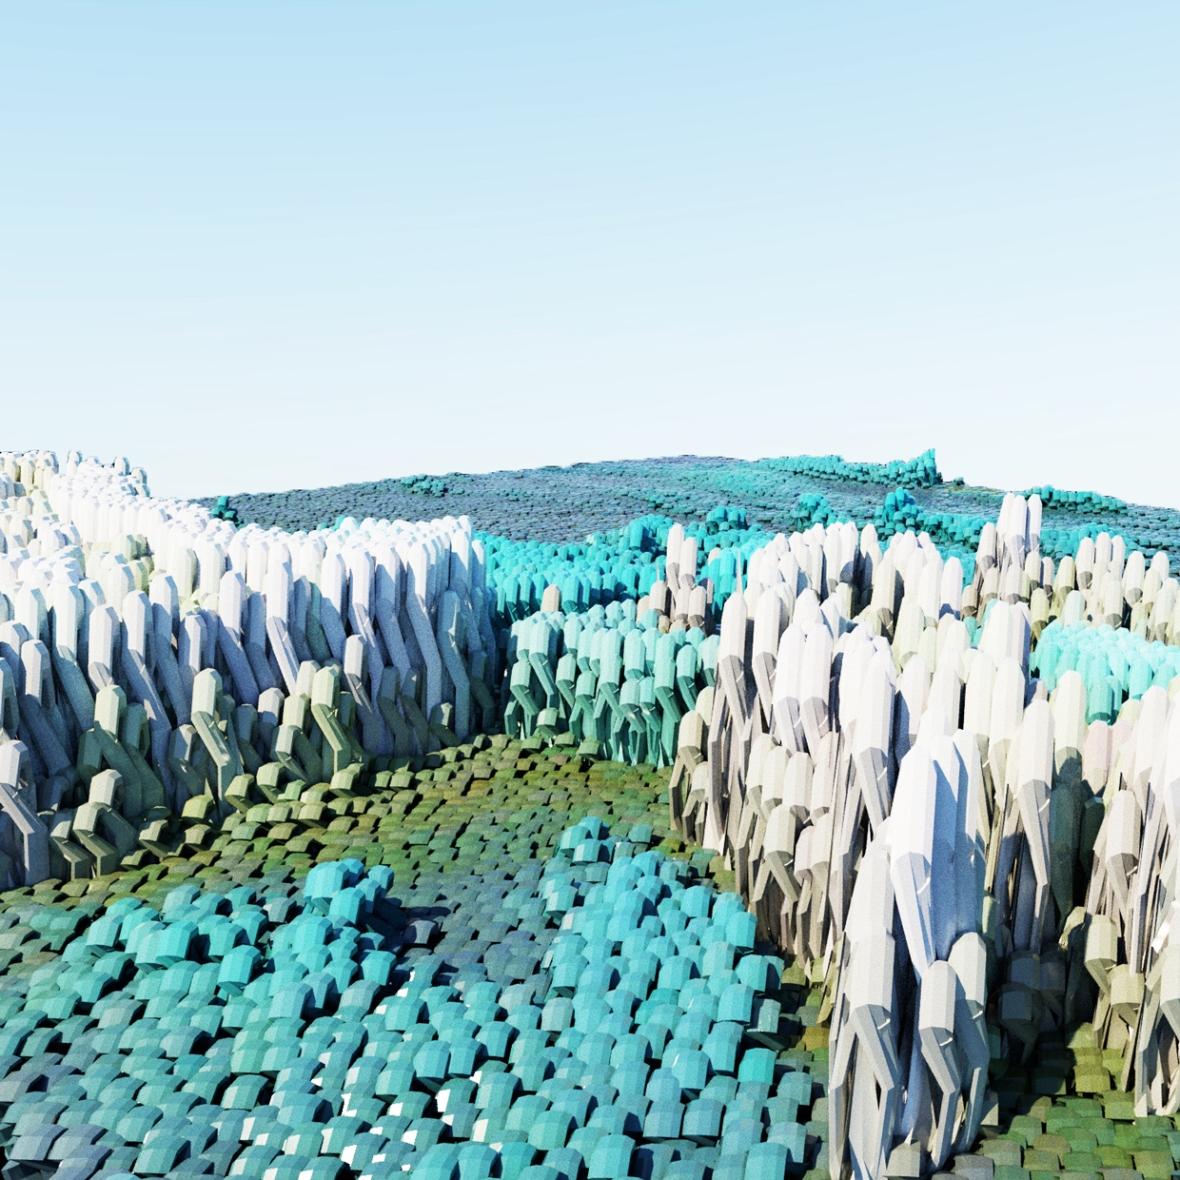 Bohnert_Olivier_T2_20171110_E4_landscape_maya_render-4-1_1240px